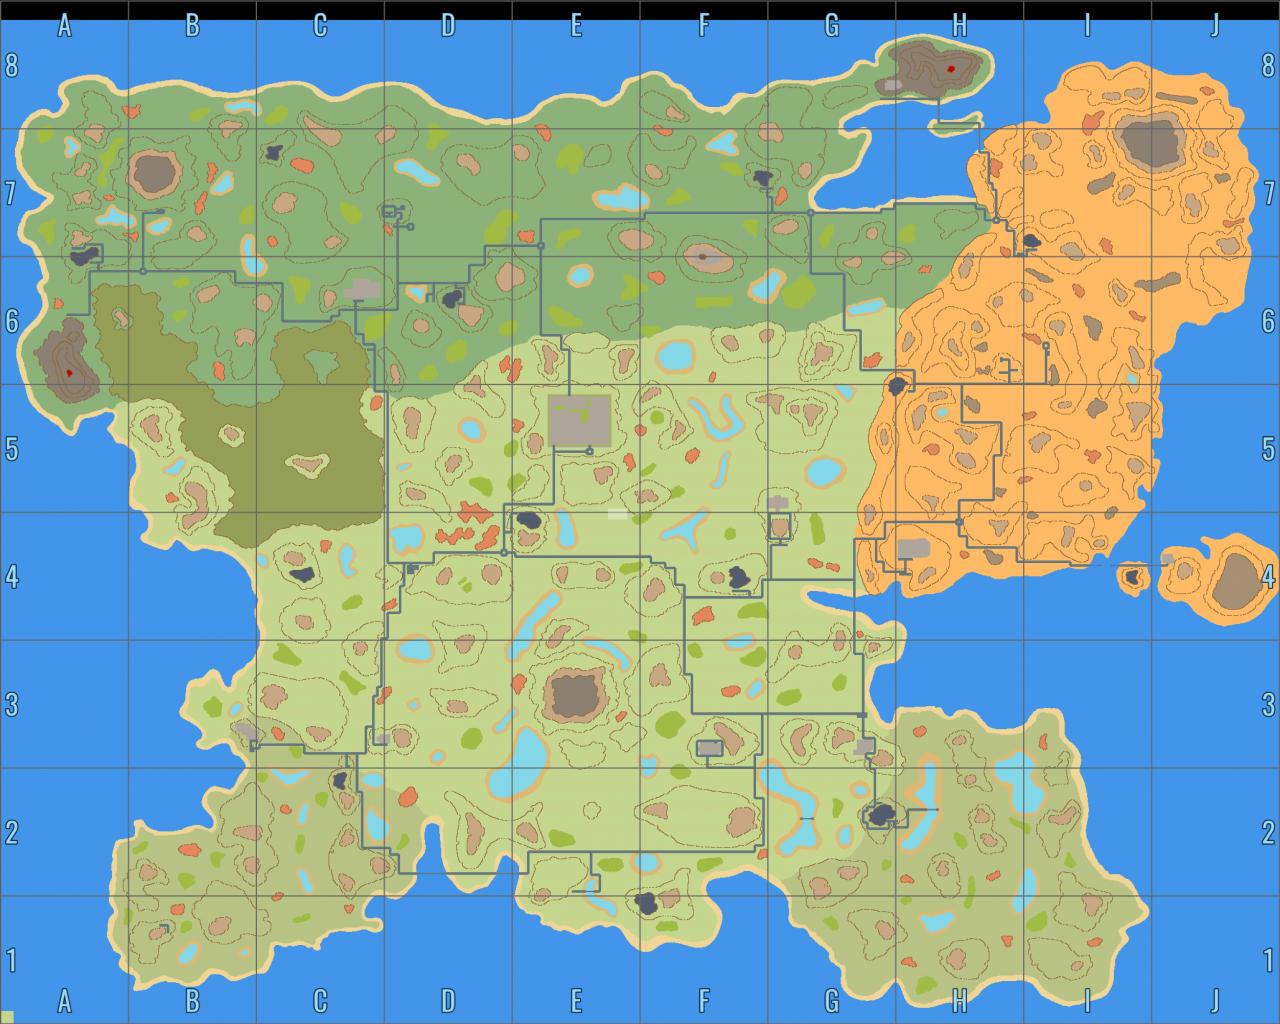 CryoFall: World Map (May 2021)